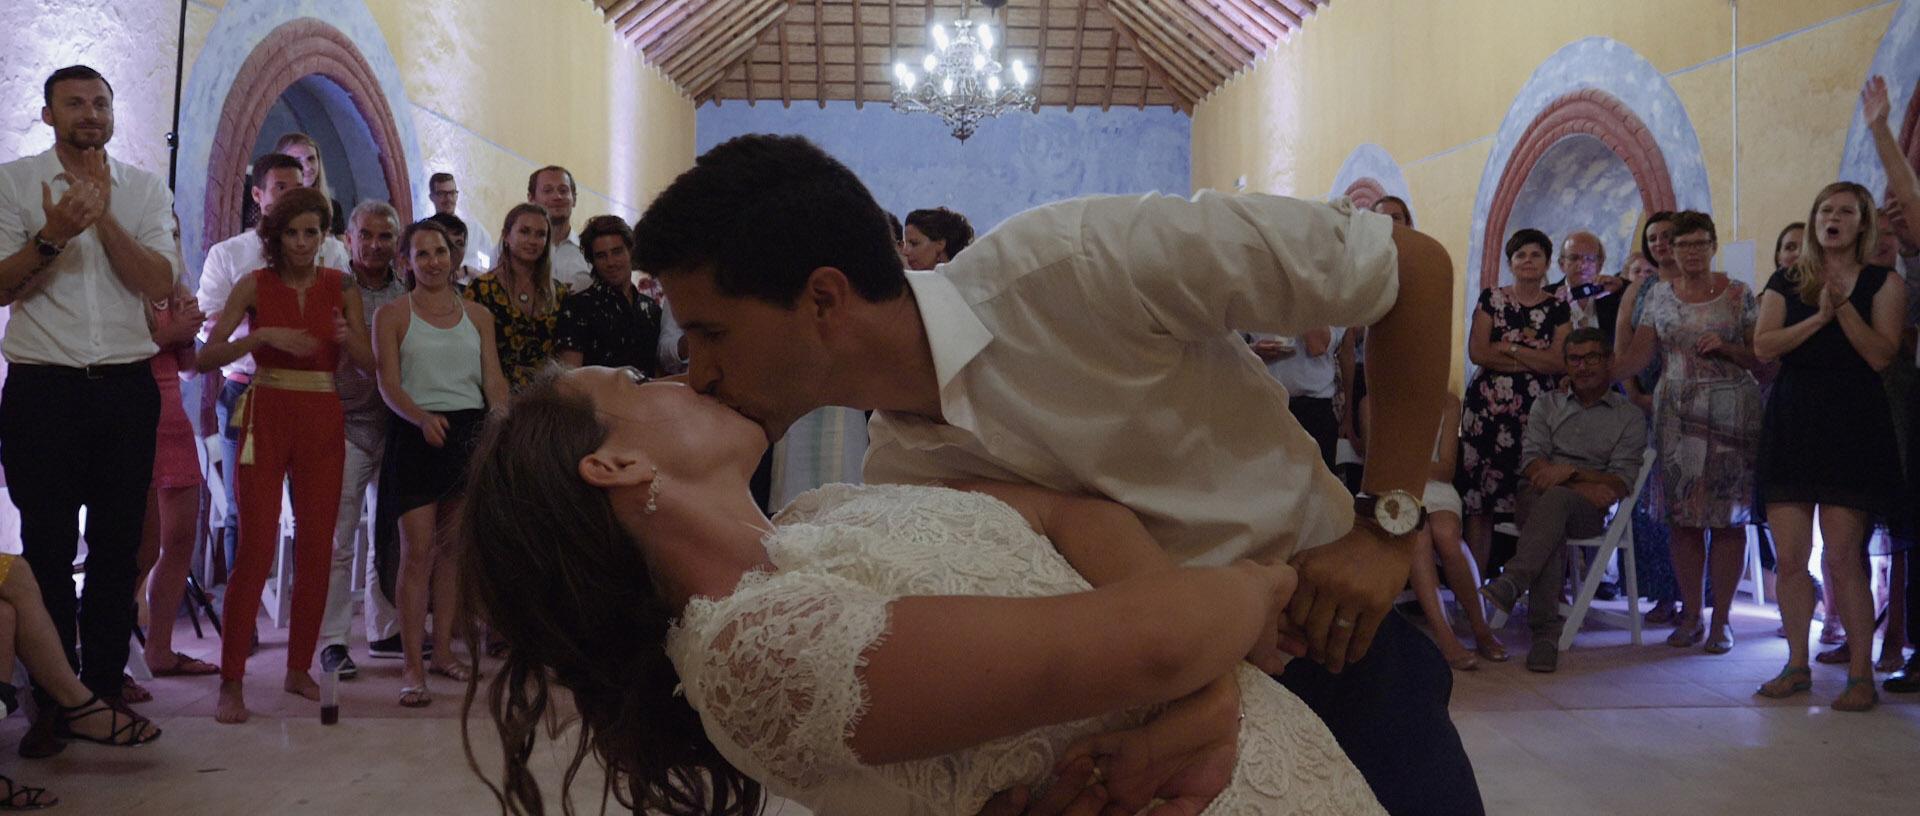 Kristýna & David – Wedding